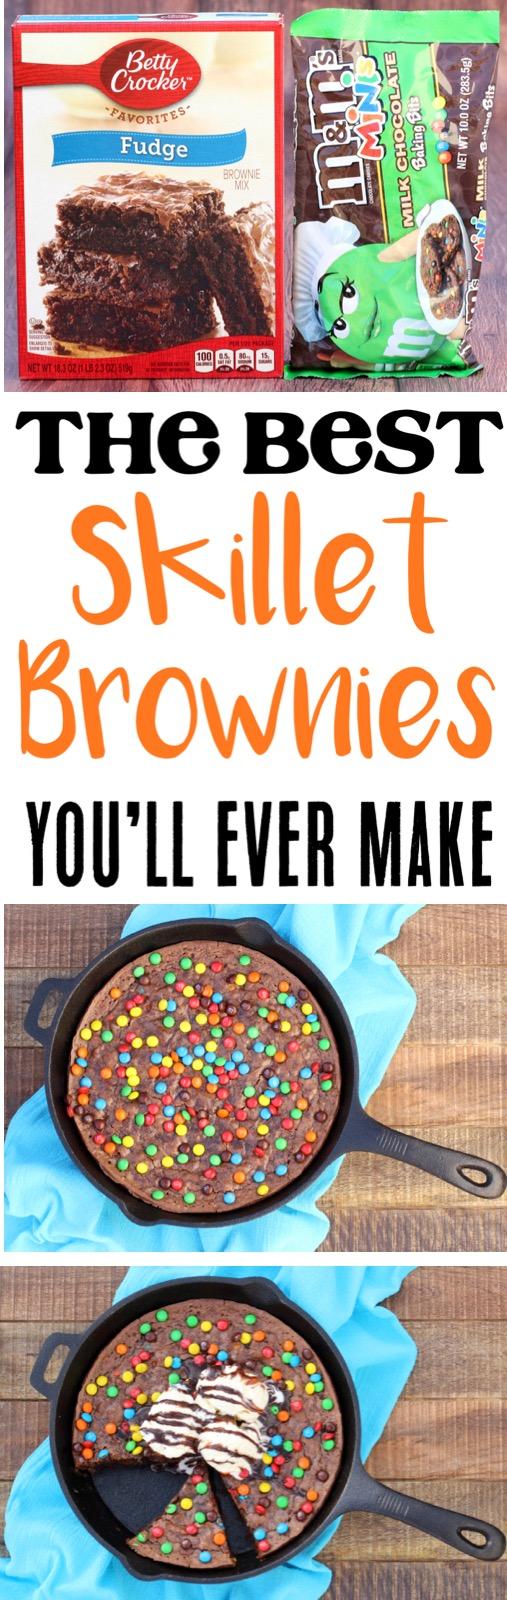 Brownie Recipes Easy Simple 5 Ingredient Brownies